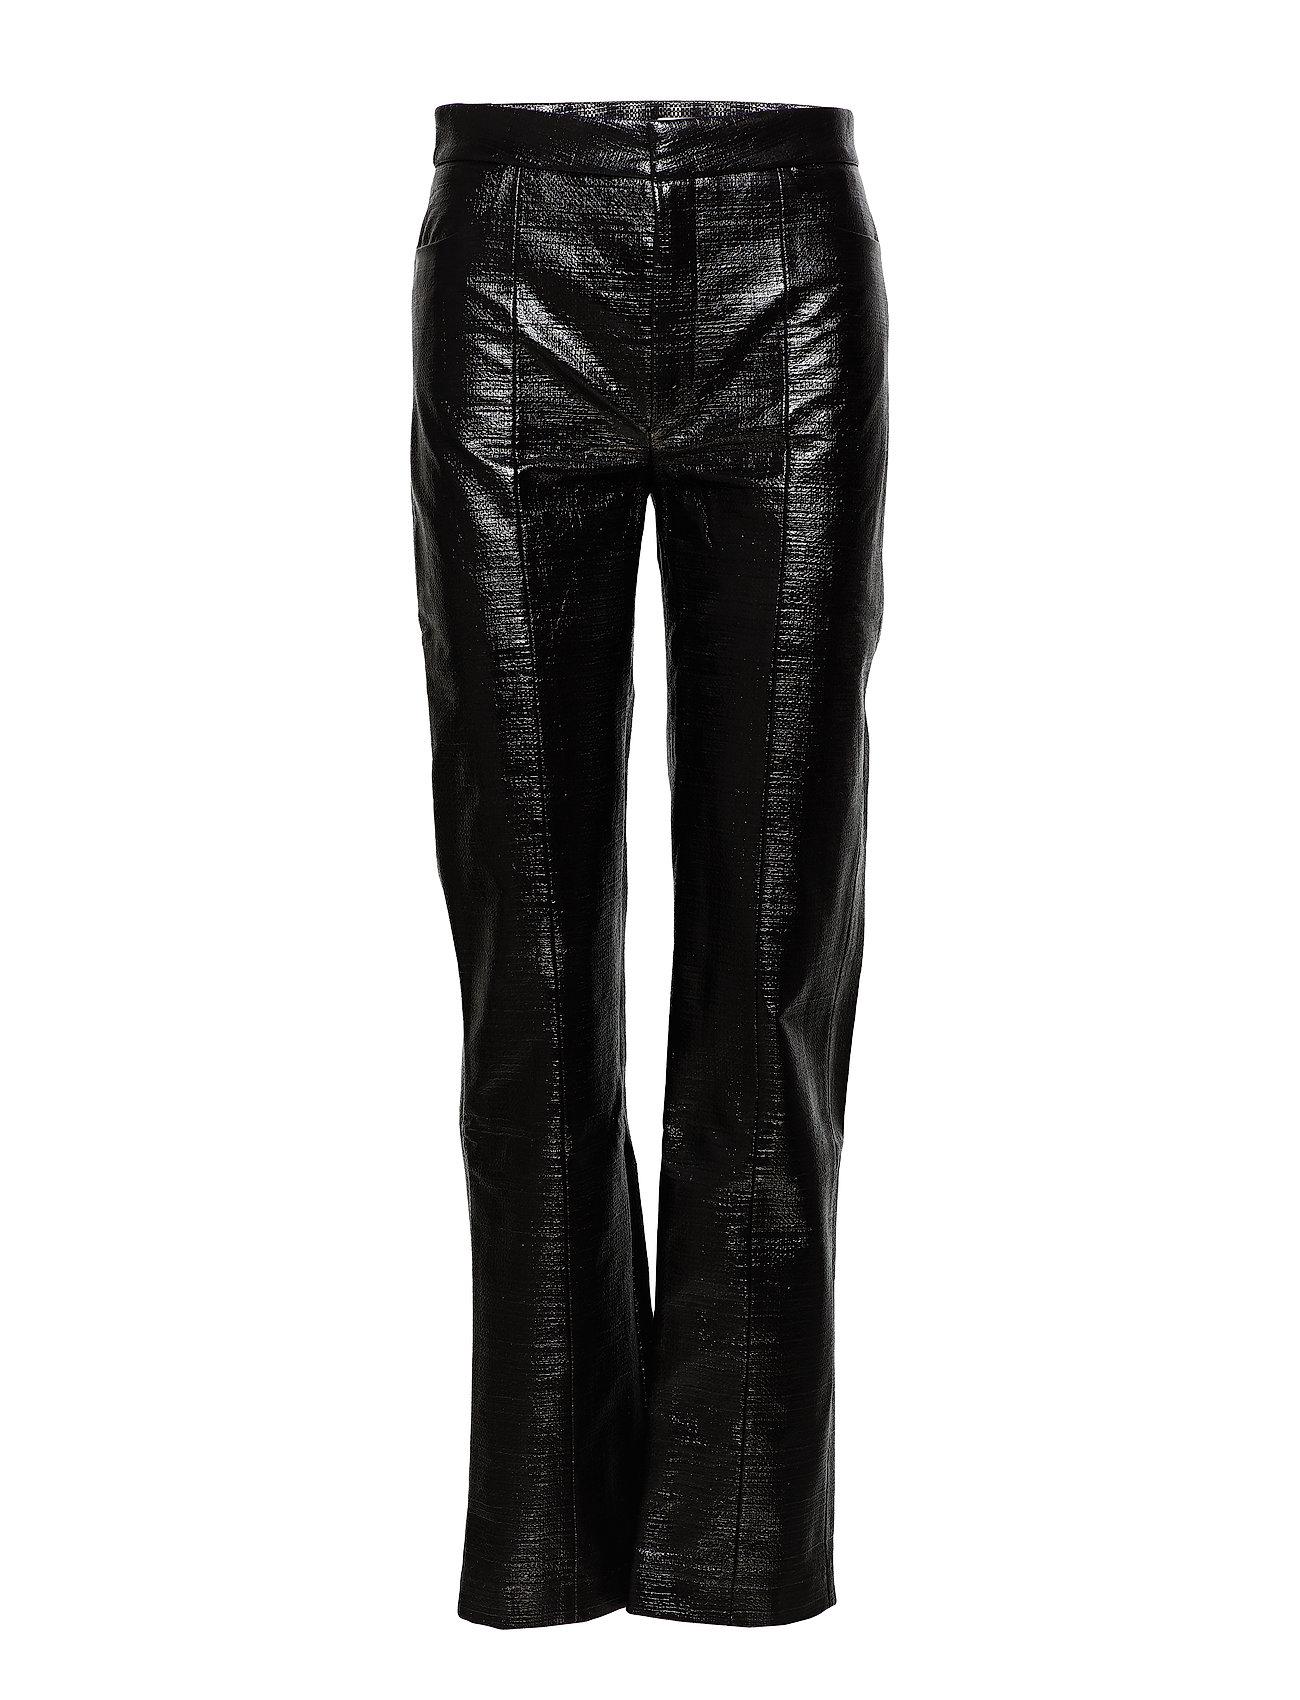 Image of Olbia Leather Leggings/Bukser Sort TOTÊME (3092618205)